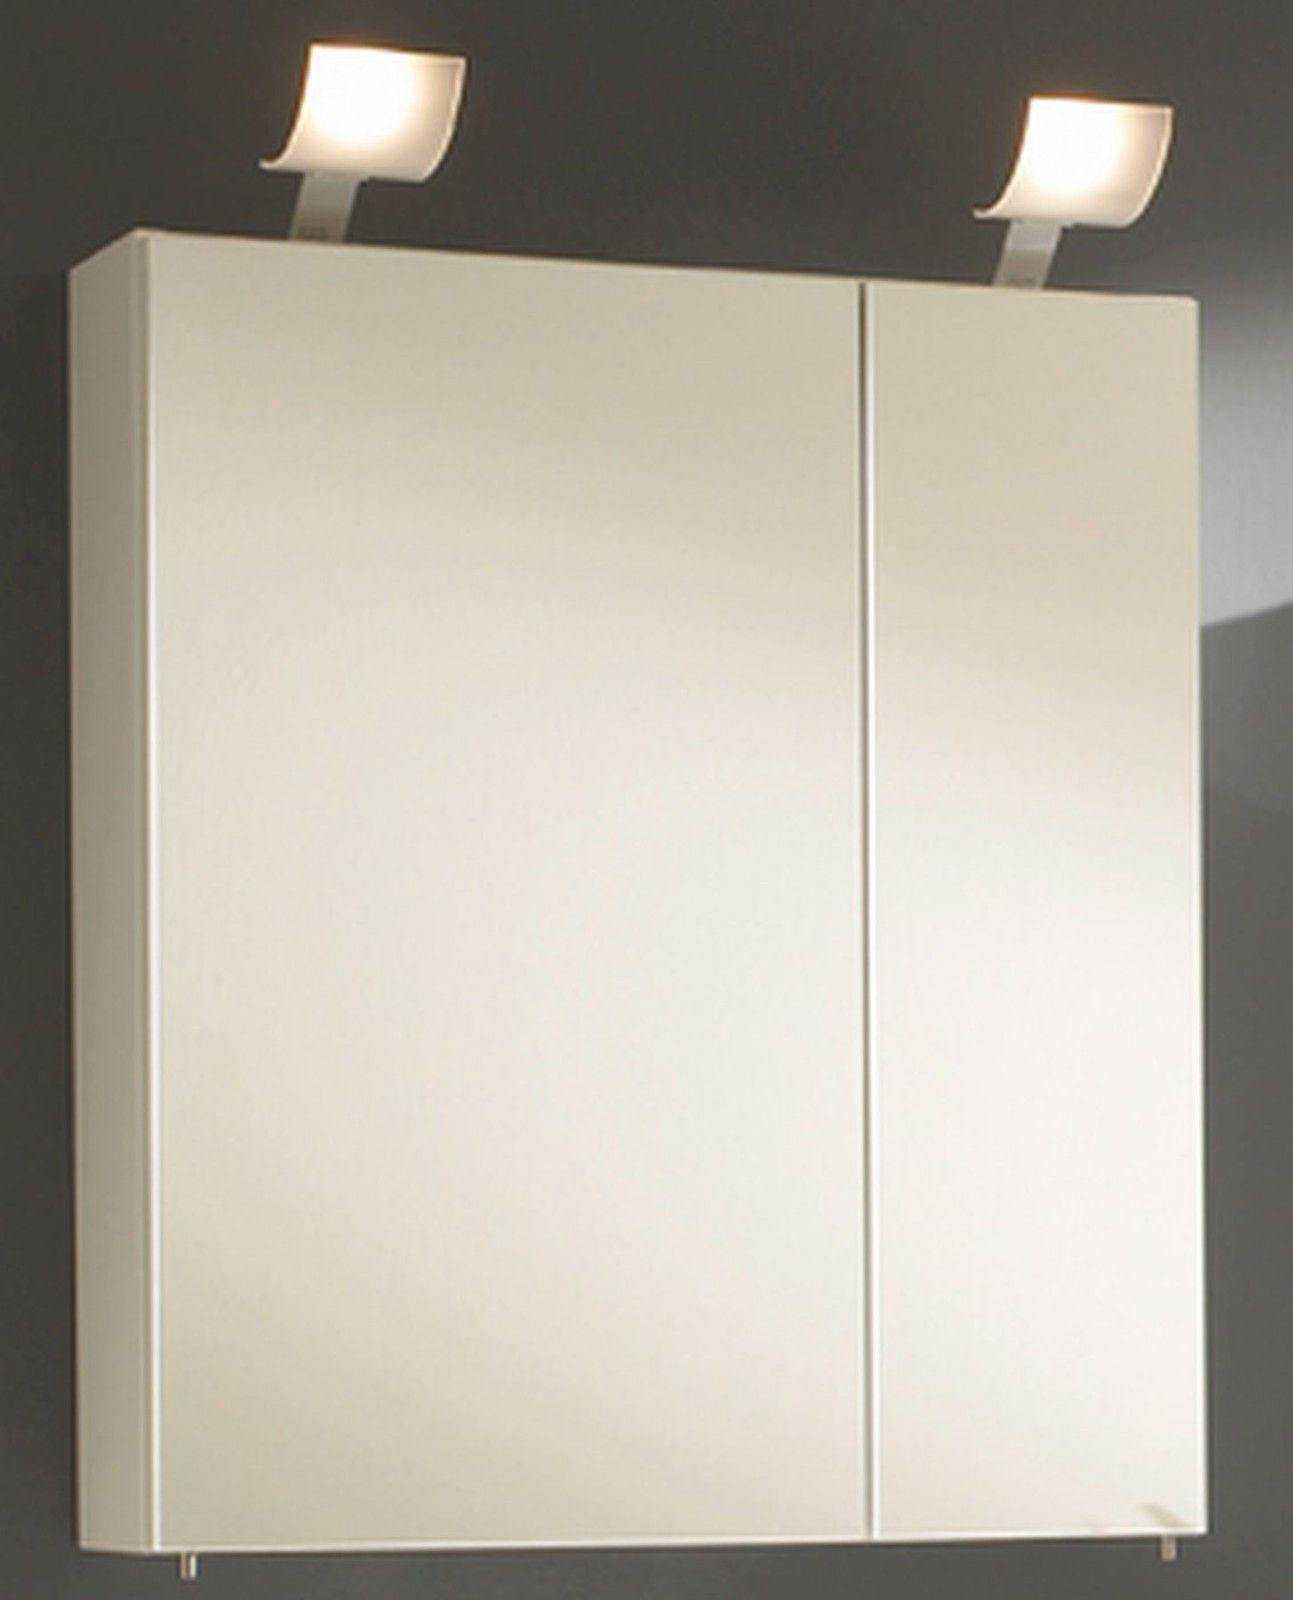 led spiegelschrank badezimmer: 5 tlg badset waschplatz 100 cm